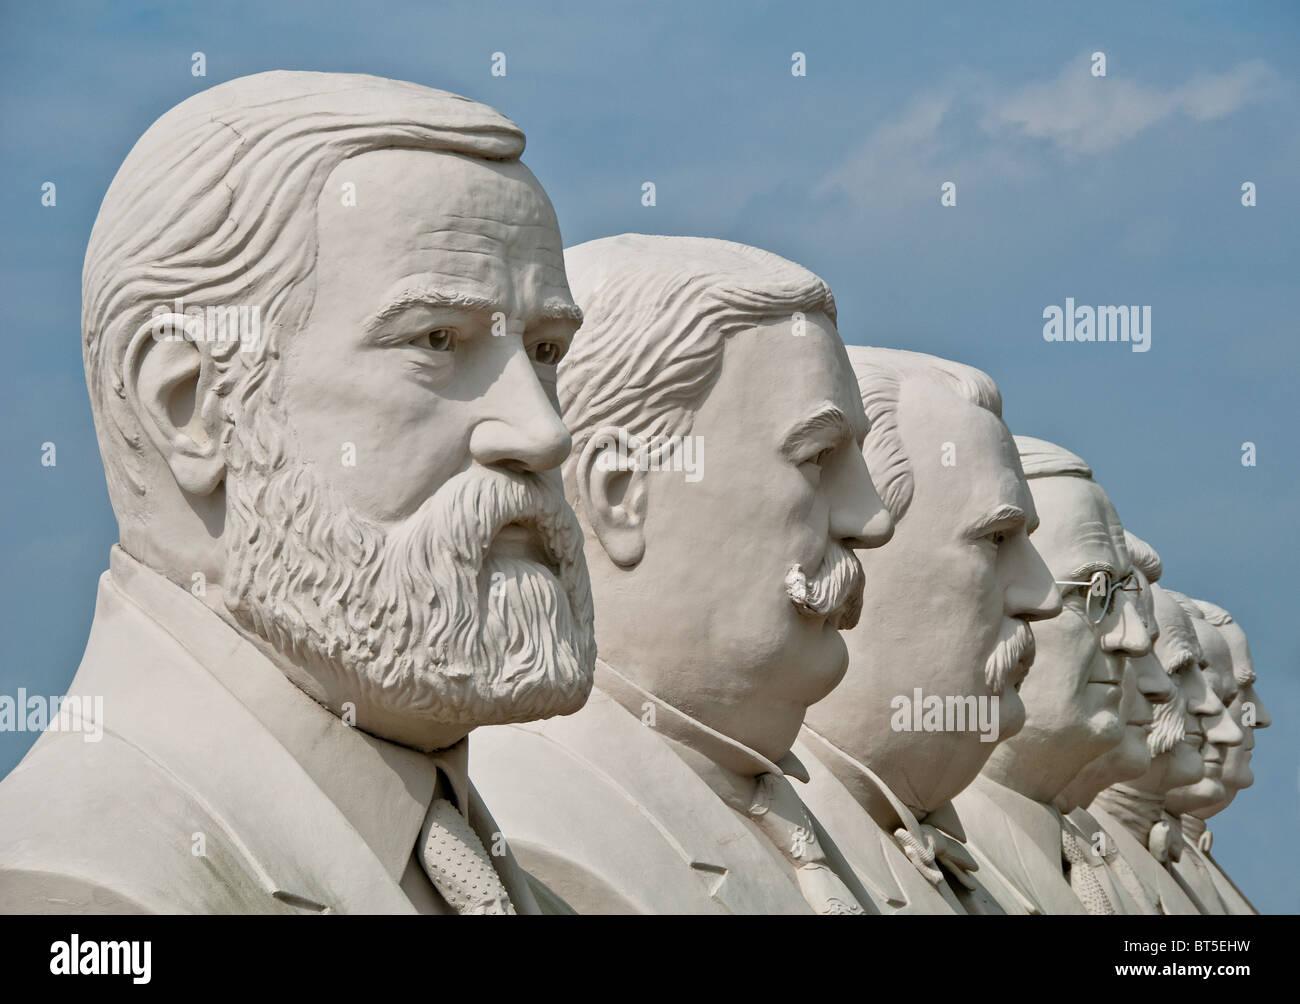 Esculturas de hormigón blanco de los presidentes de EE.UU., a David Adickes Sculpturworx Studio en Houston, Texas, EE.UU. Foto de stock